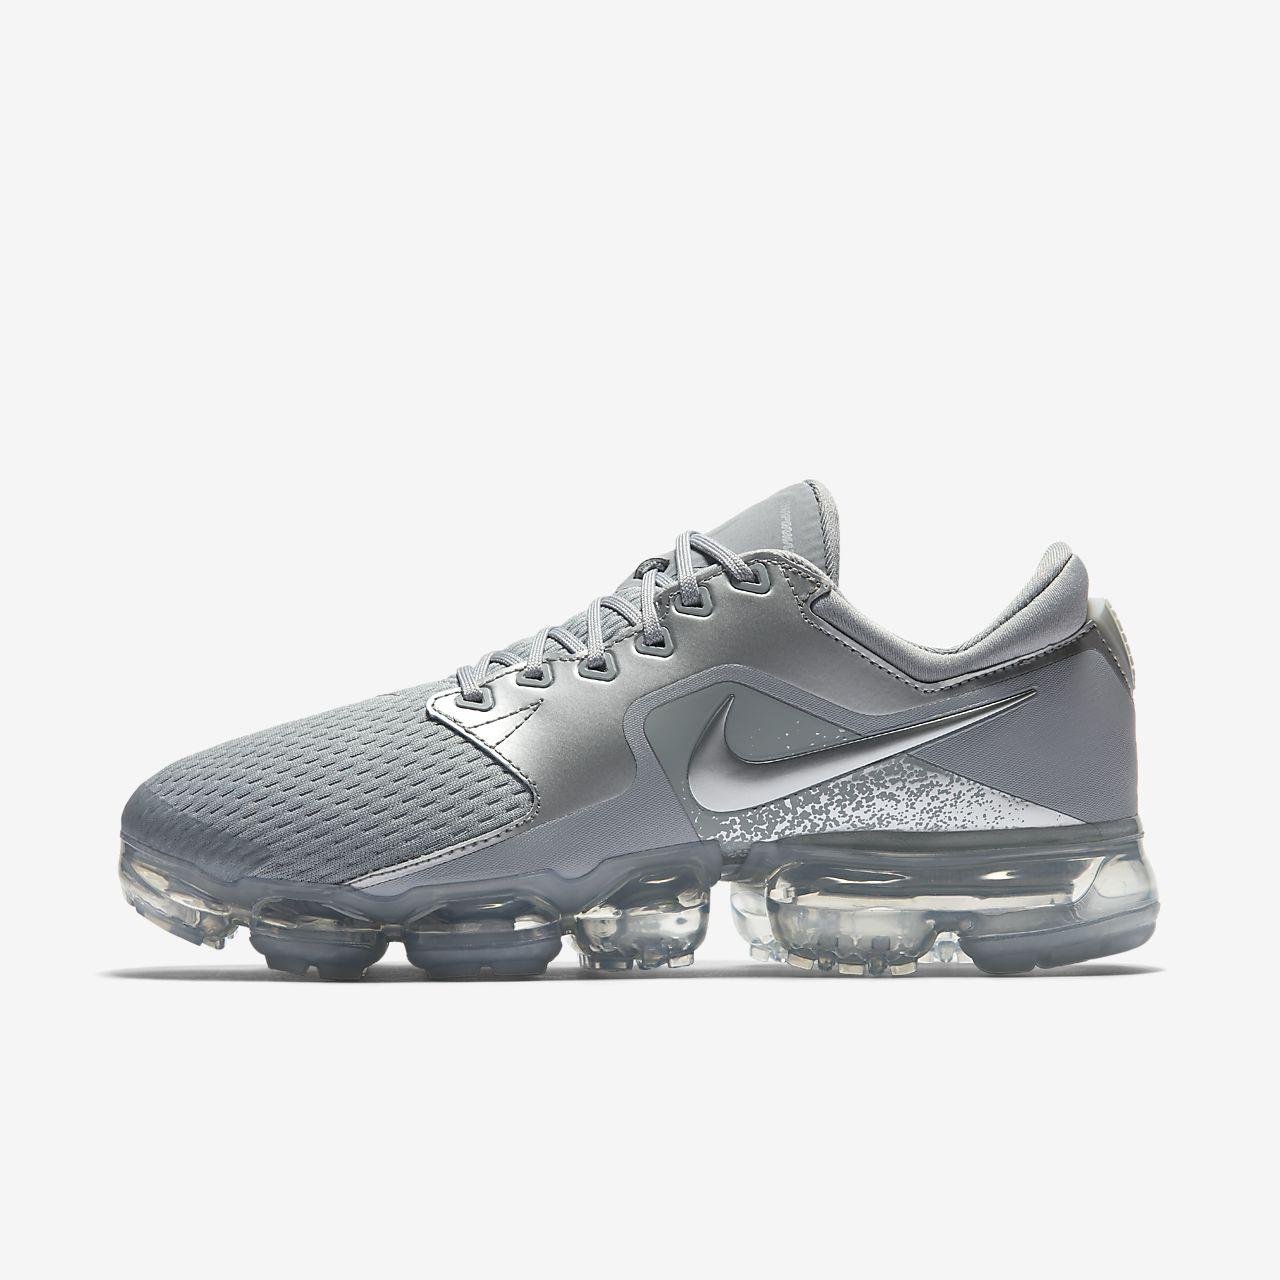 2018 Nike Air Vapor Max plata